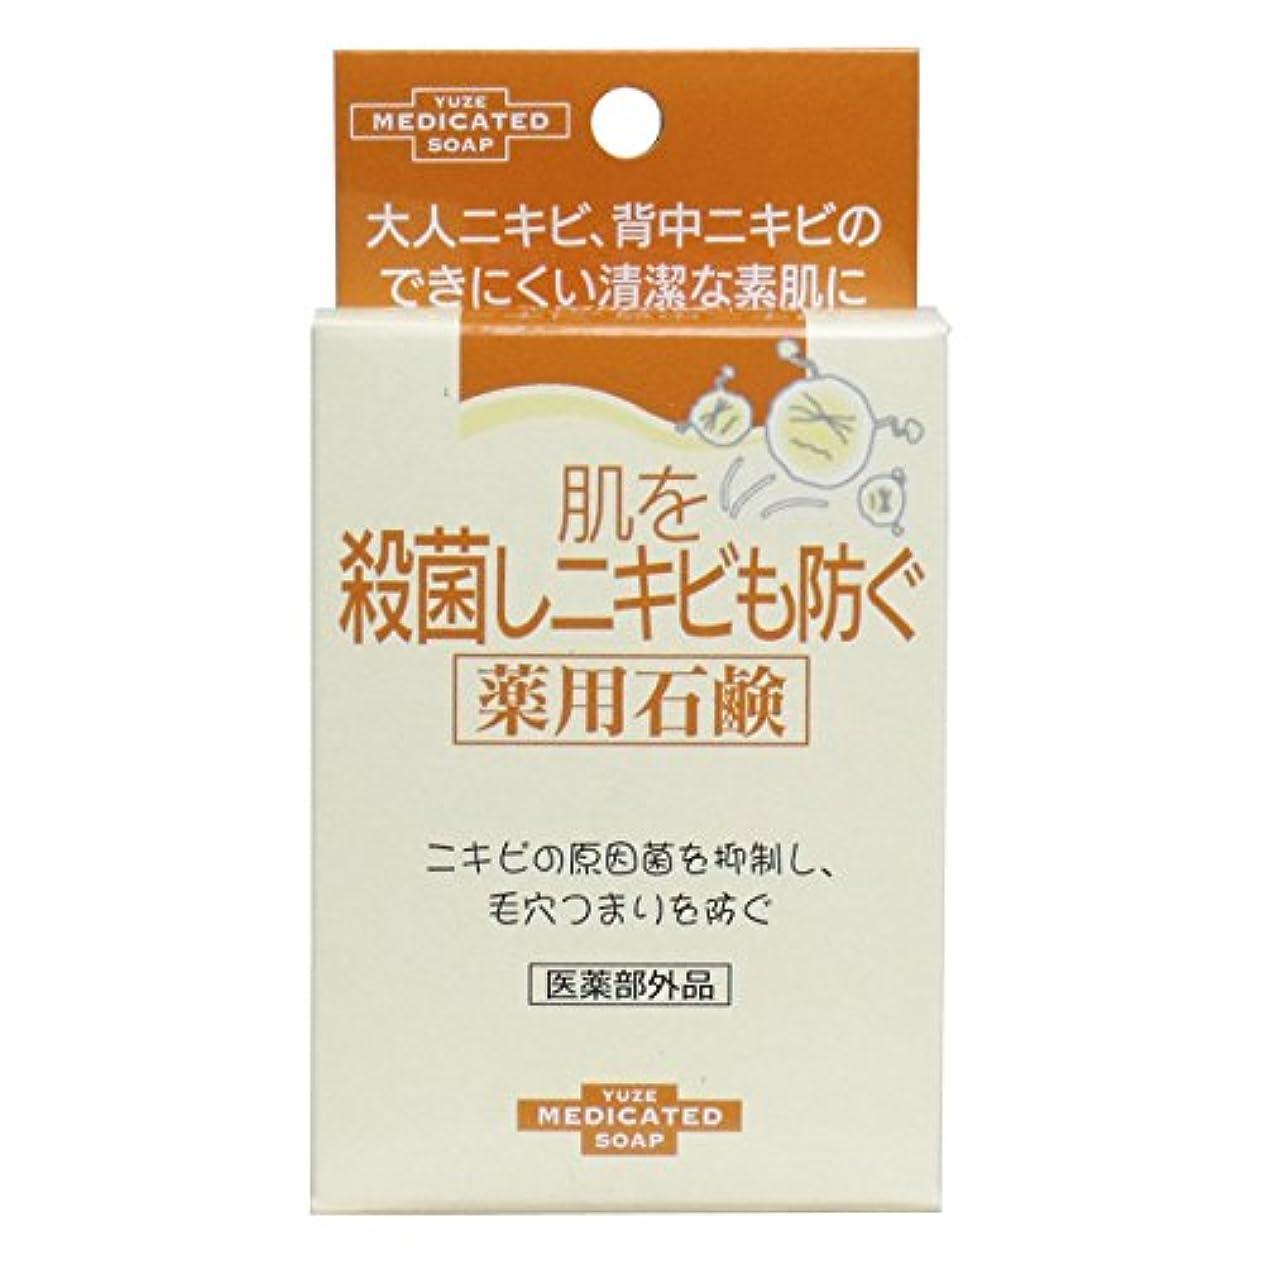 重要な酸素成功したユゼ 肌を殺菌しニキビも防ぐ薬用石鹸 (110g)